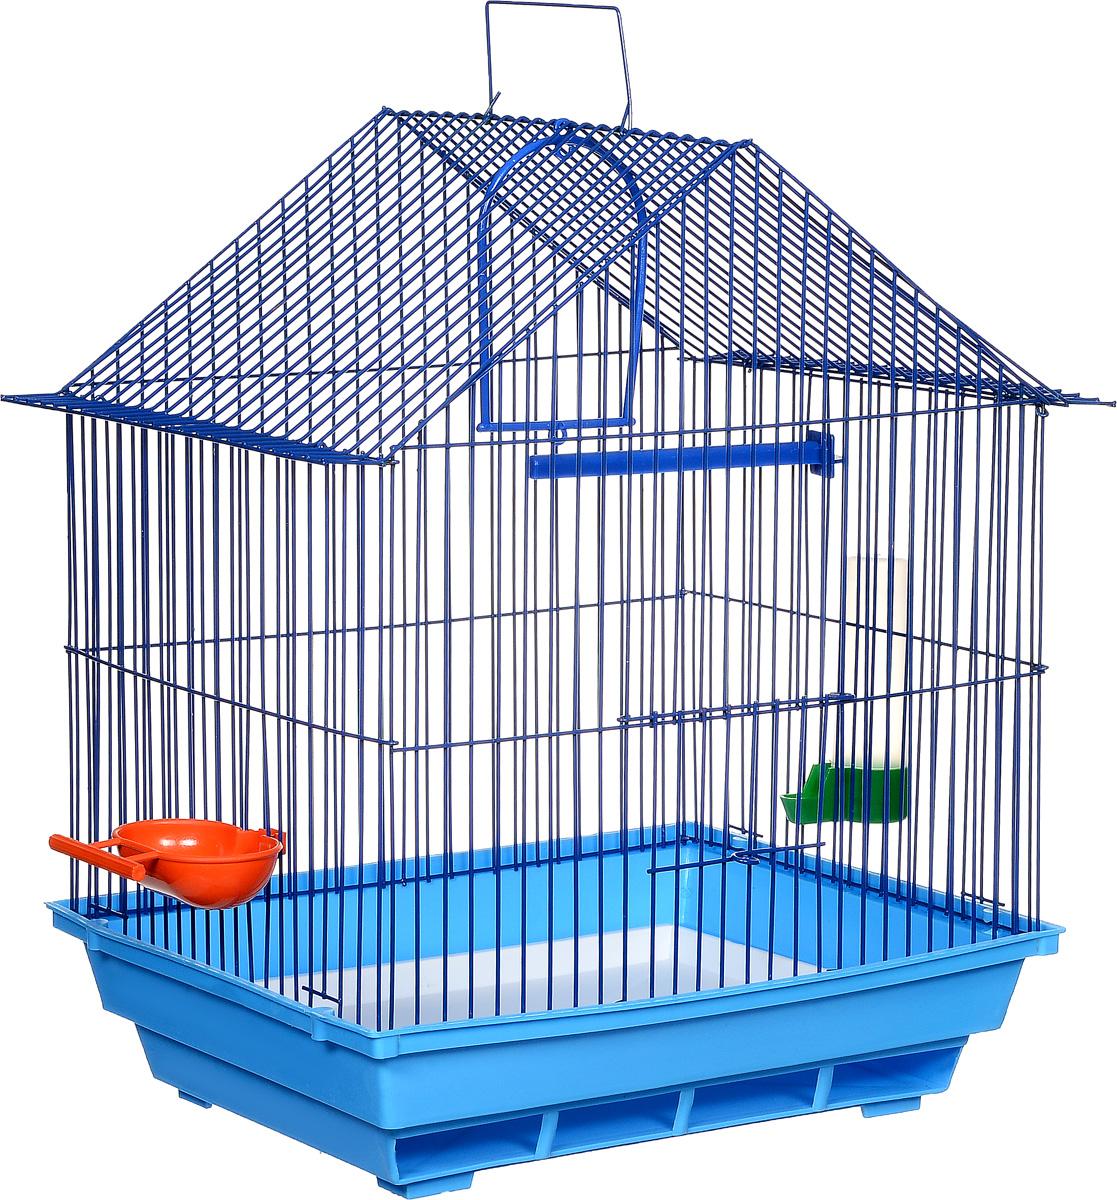 Клетка для птиц ЗооМарк, цвет: синий поддон, синяя решетка, 39 х 28 х 42 см410ССКлетка ЗооМарк, выполненная из полипропилена и металла, предназначена для мелких птиц. Изделие состоит из большого поддона и решетки. Клетка снабжена металлической дверцей. В основании клетки находится малый поддон. Клетка удобна в использовании и легко чистится. Она оснащена кольцом для птицы, поилкой, кормушкой и подвижной ручкой для удобной переноски.